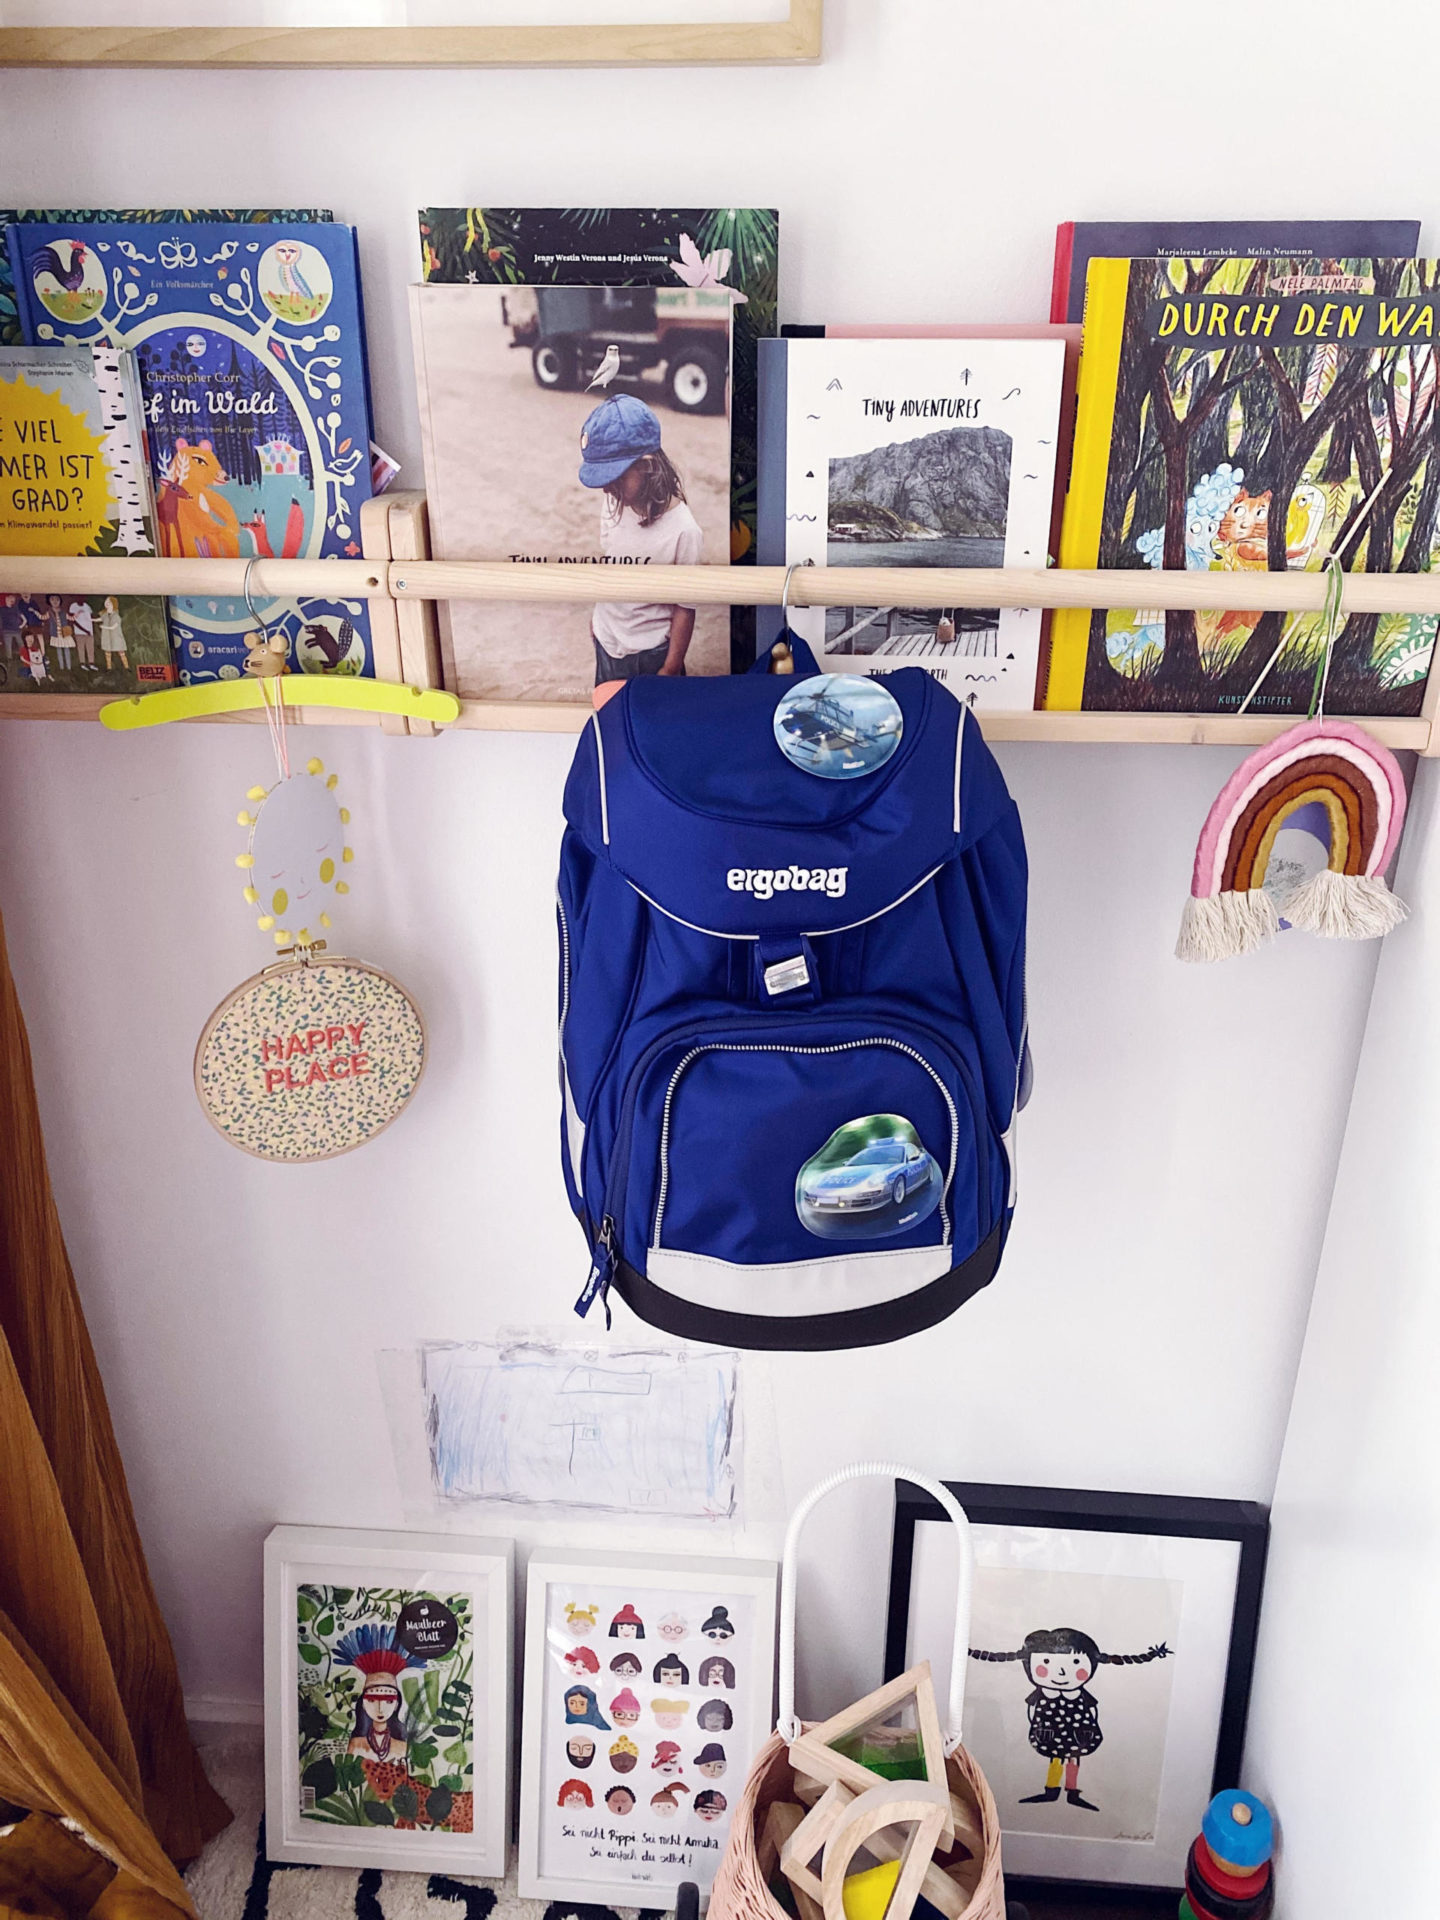 Der beste Schulstart: Von Accessoires, Einladung, Kinderschreibtisch, Schulranzen bis Zuckertüte | Pinspiration.de